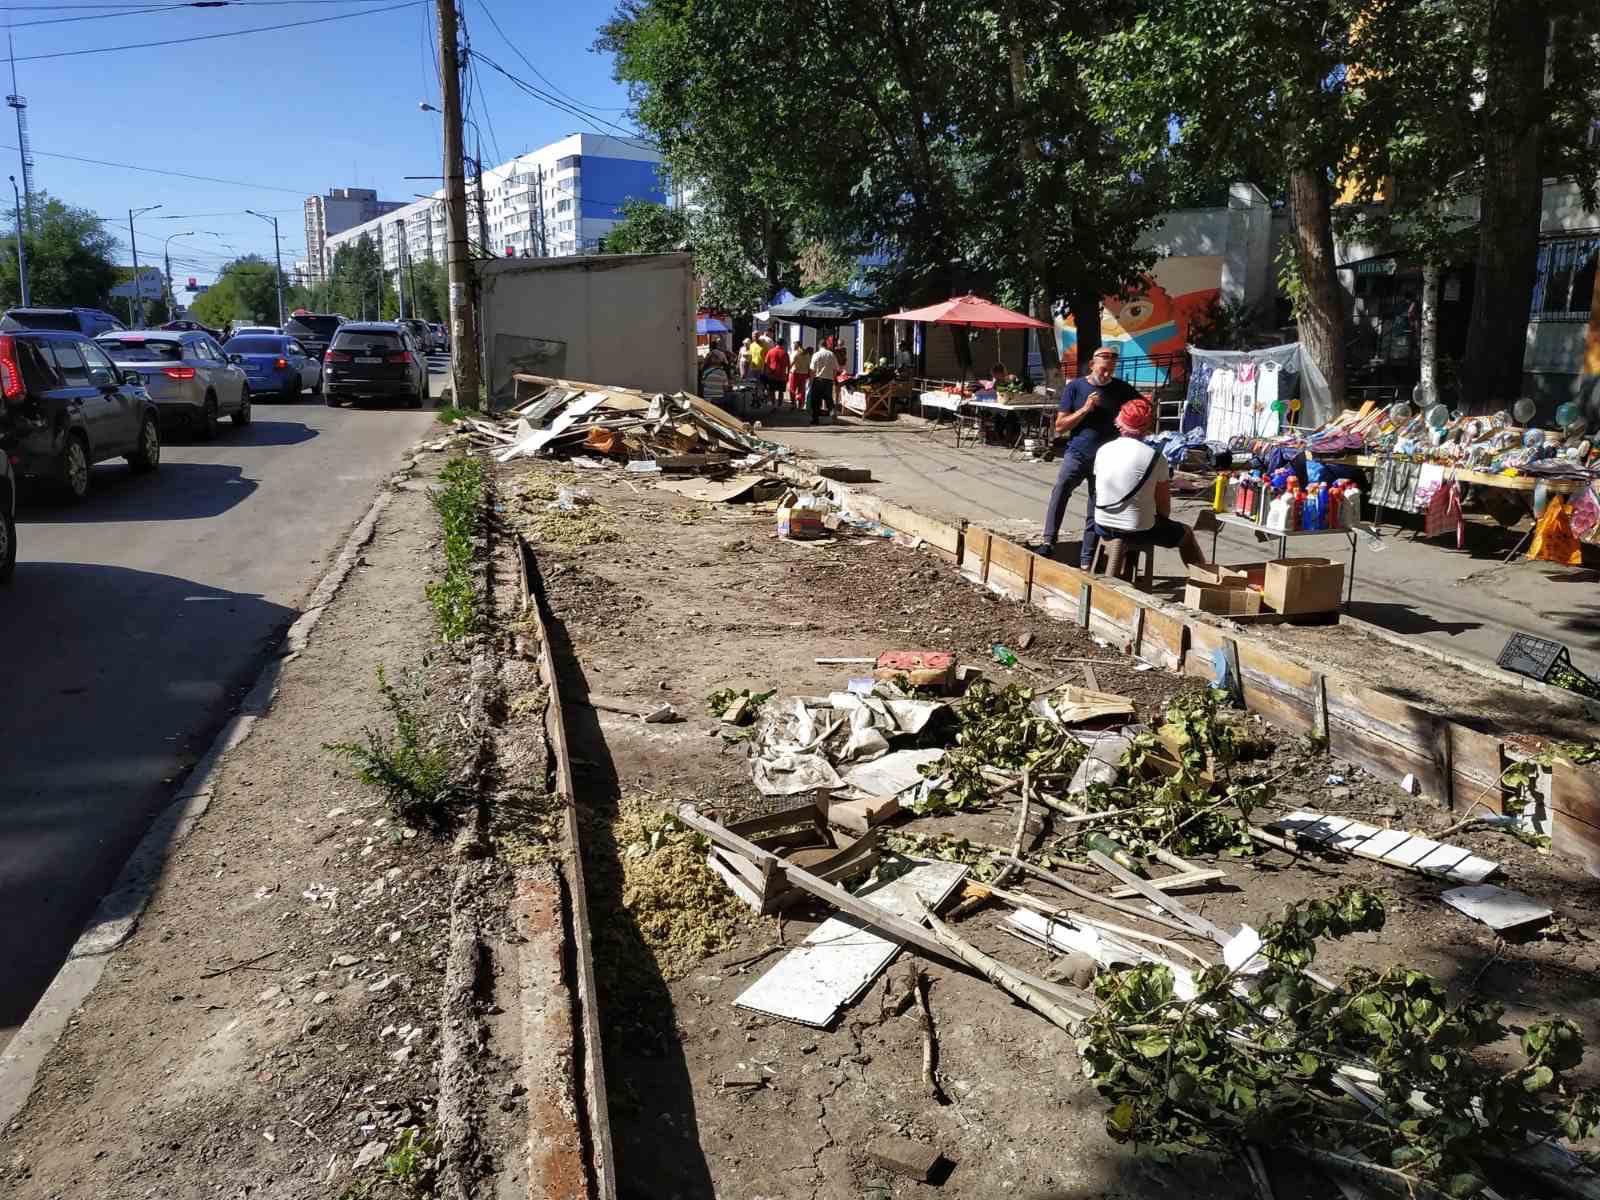 Печальный вид и горы мусора: что осталось от рынка на пересечении Ново-Вокзальной и Московского шоссе